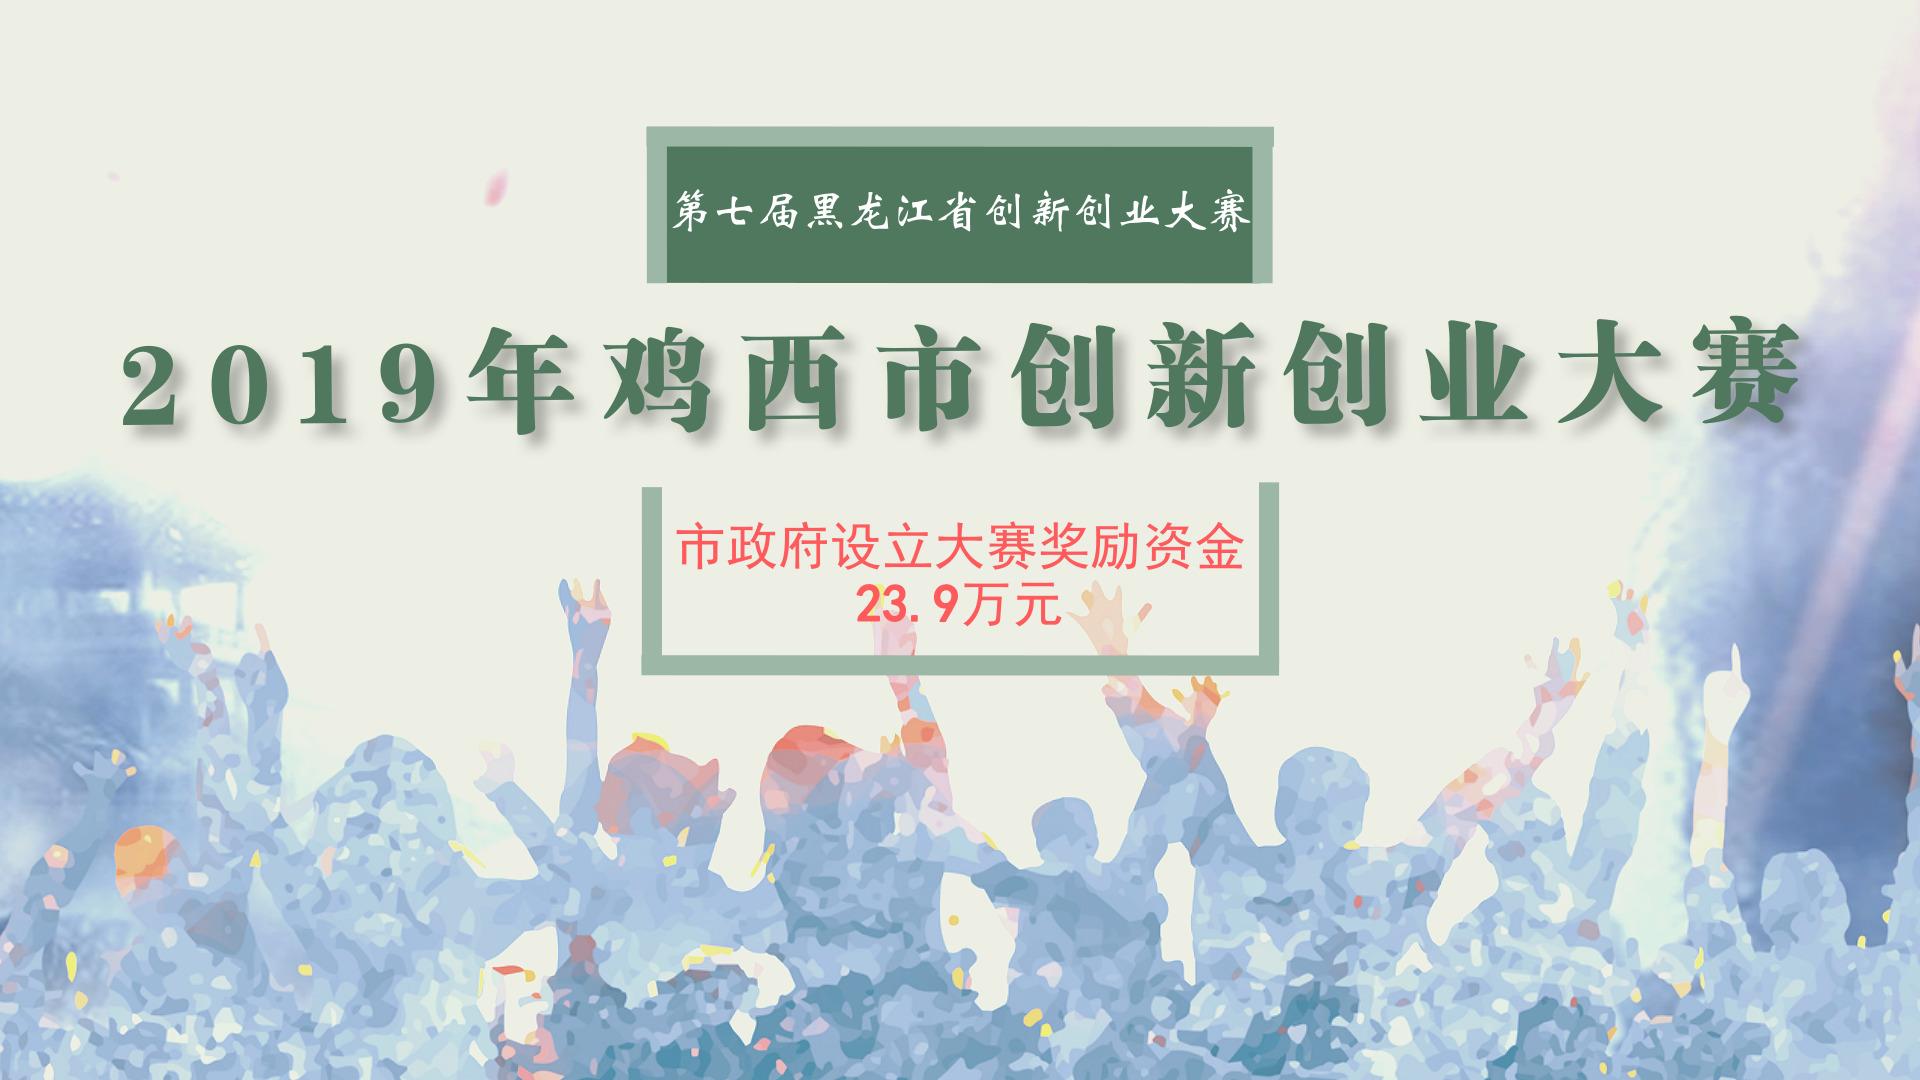 关于举办2019年鸡西市创新创业大赛比赛的通知